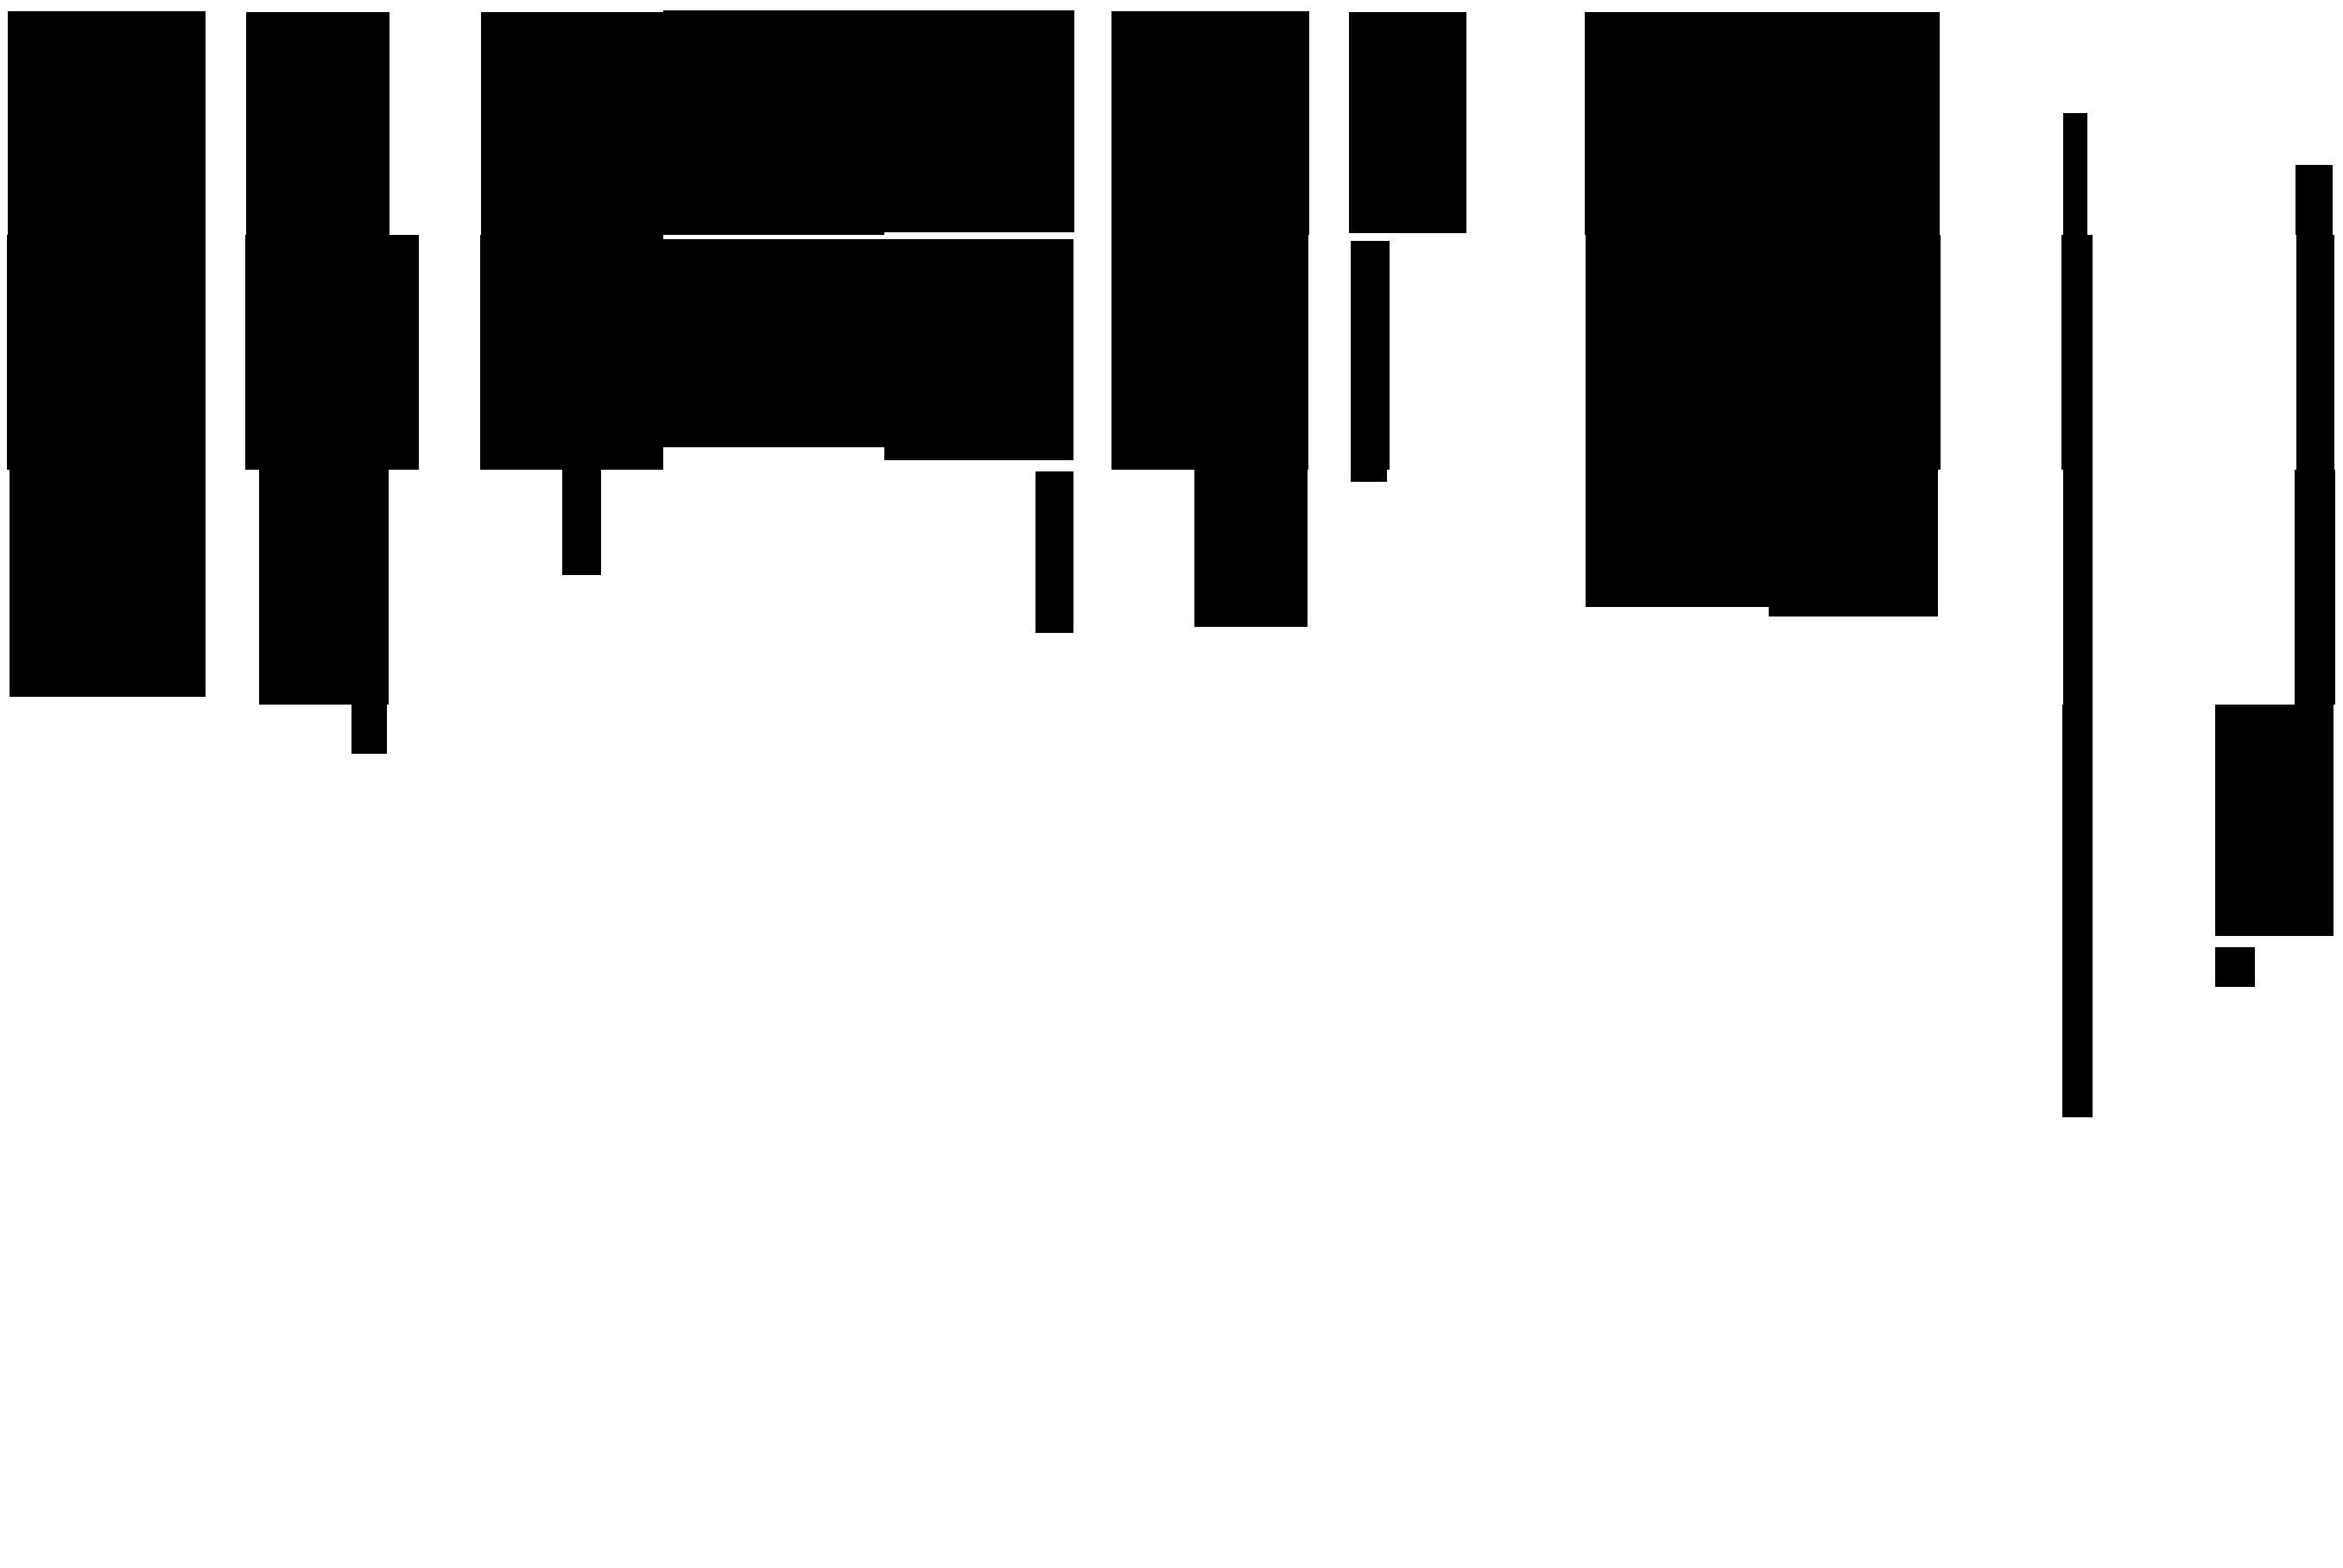 石田詩20140516-1